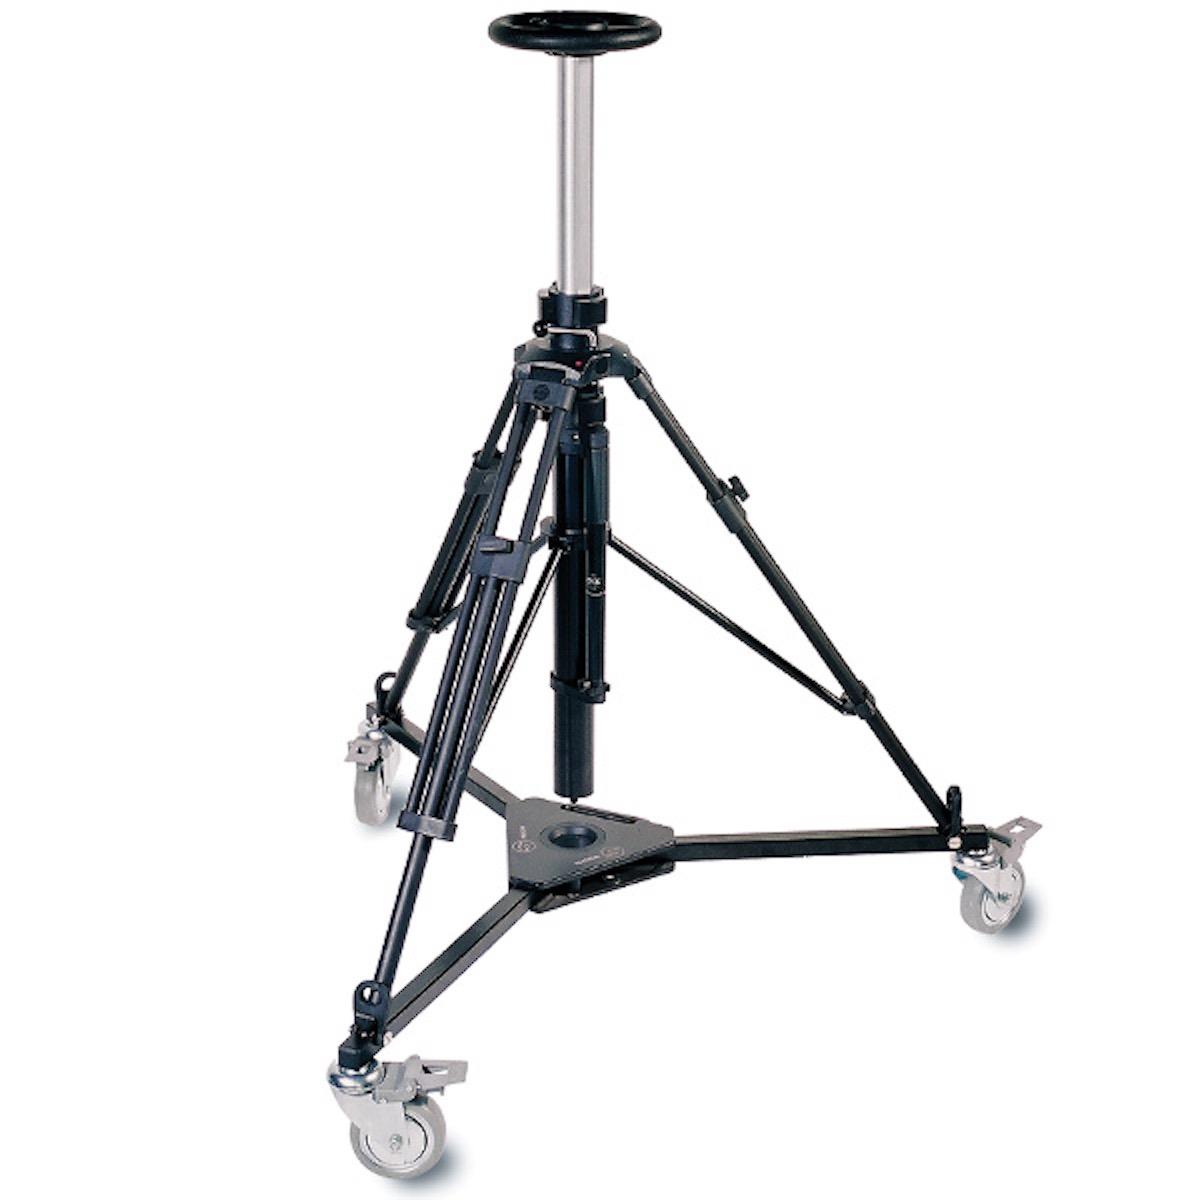 Sachtler Pedestal C I System